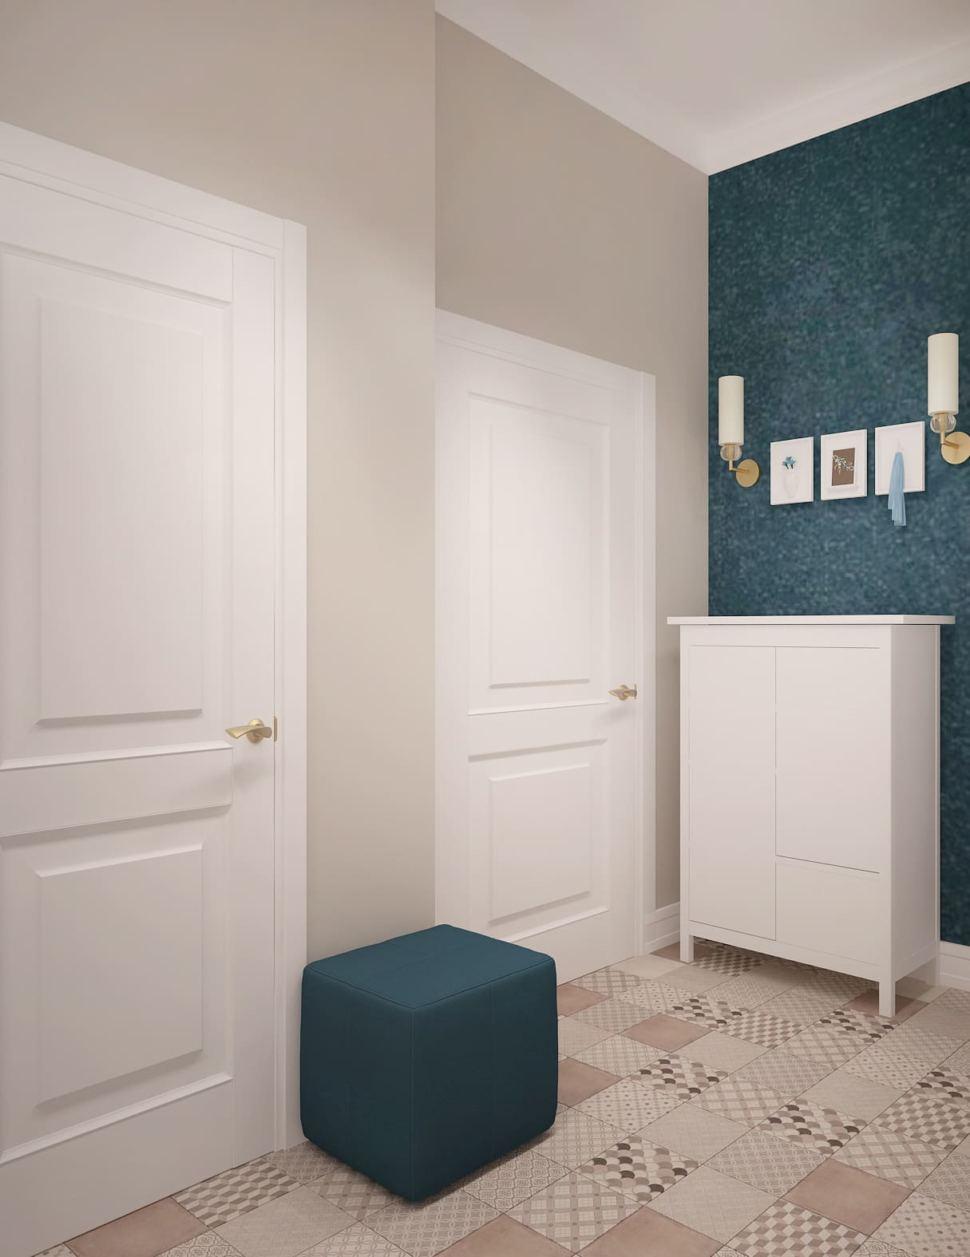 Визуализация прихожей 7 кв.м в медных оттенках, плитка с геометрическим узором, пуф, белый комод, настенные светильники